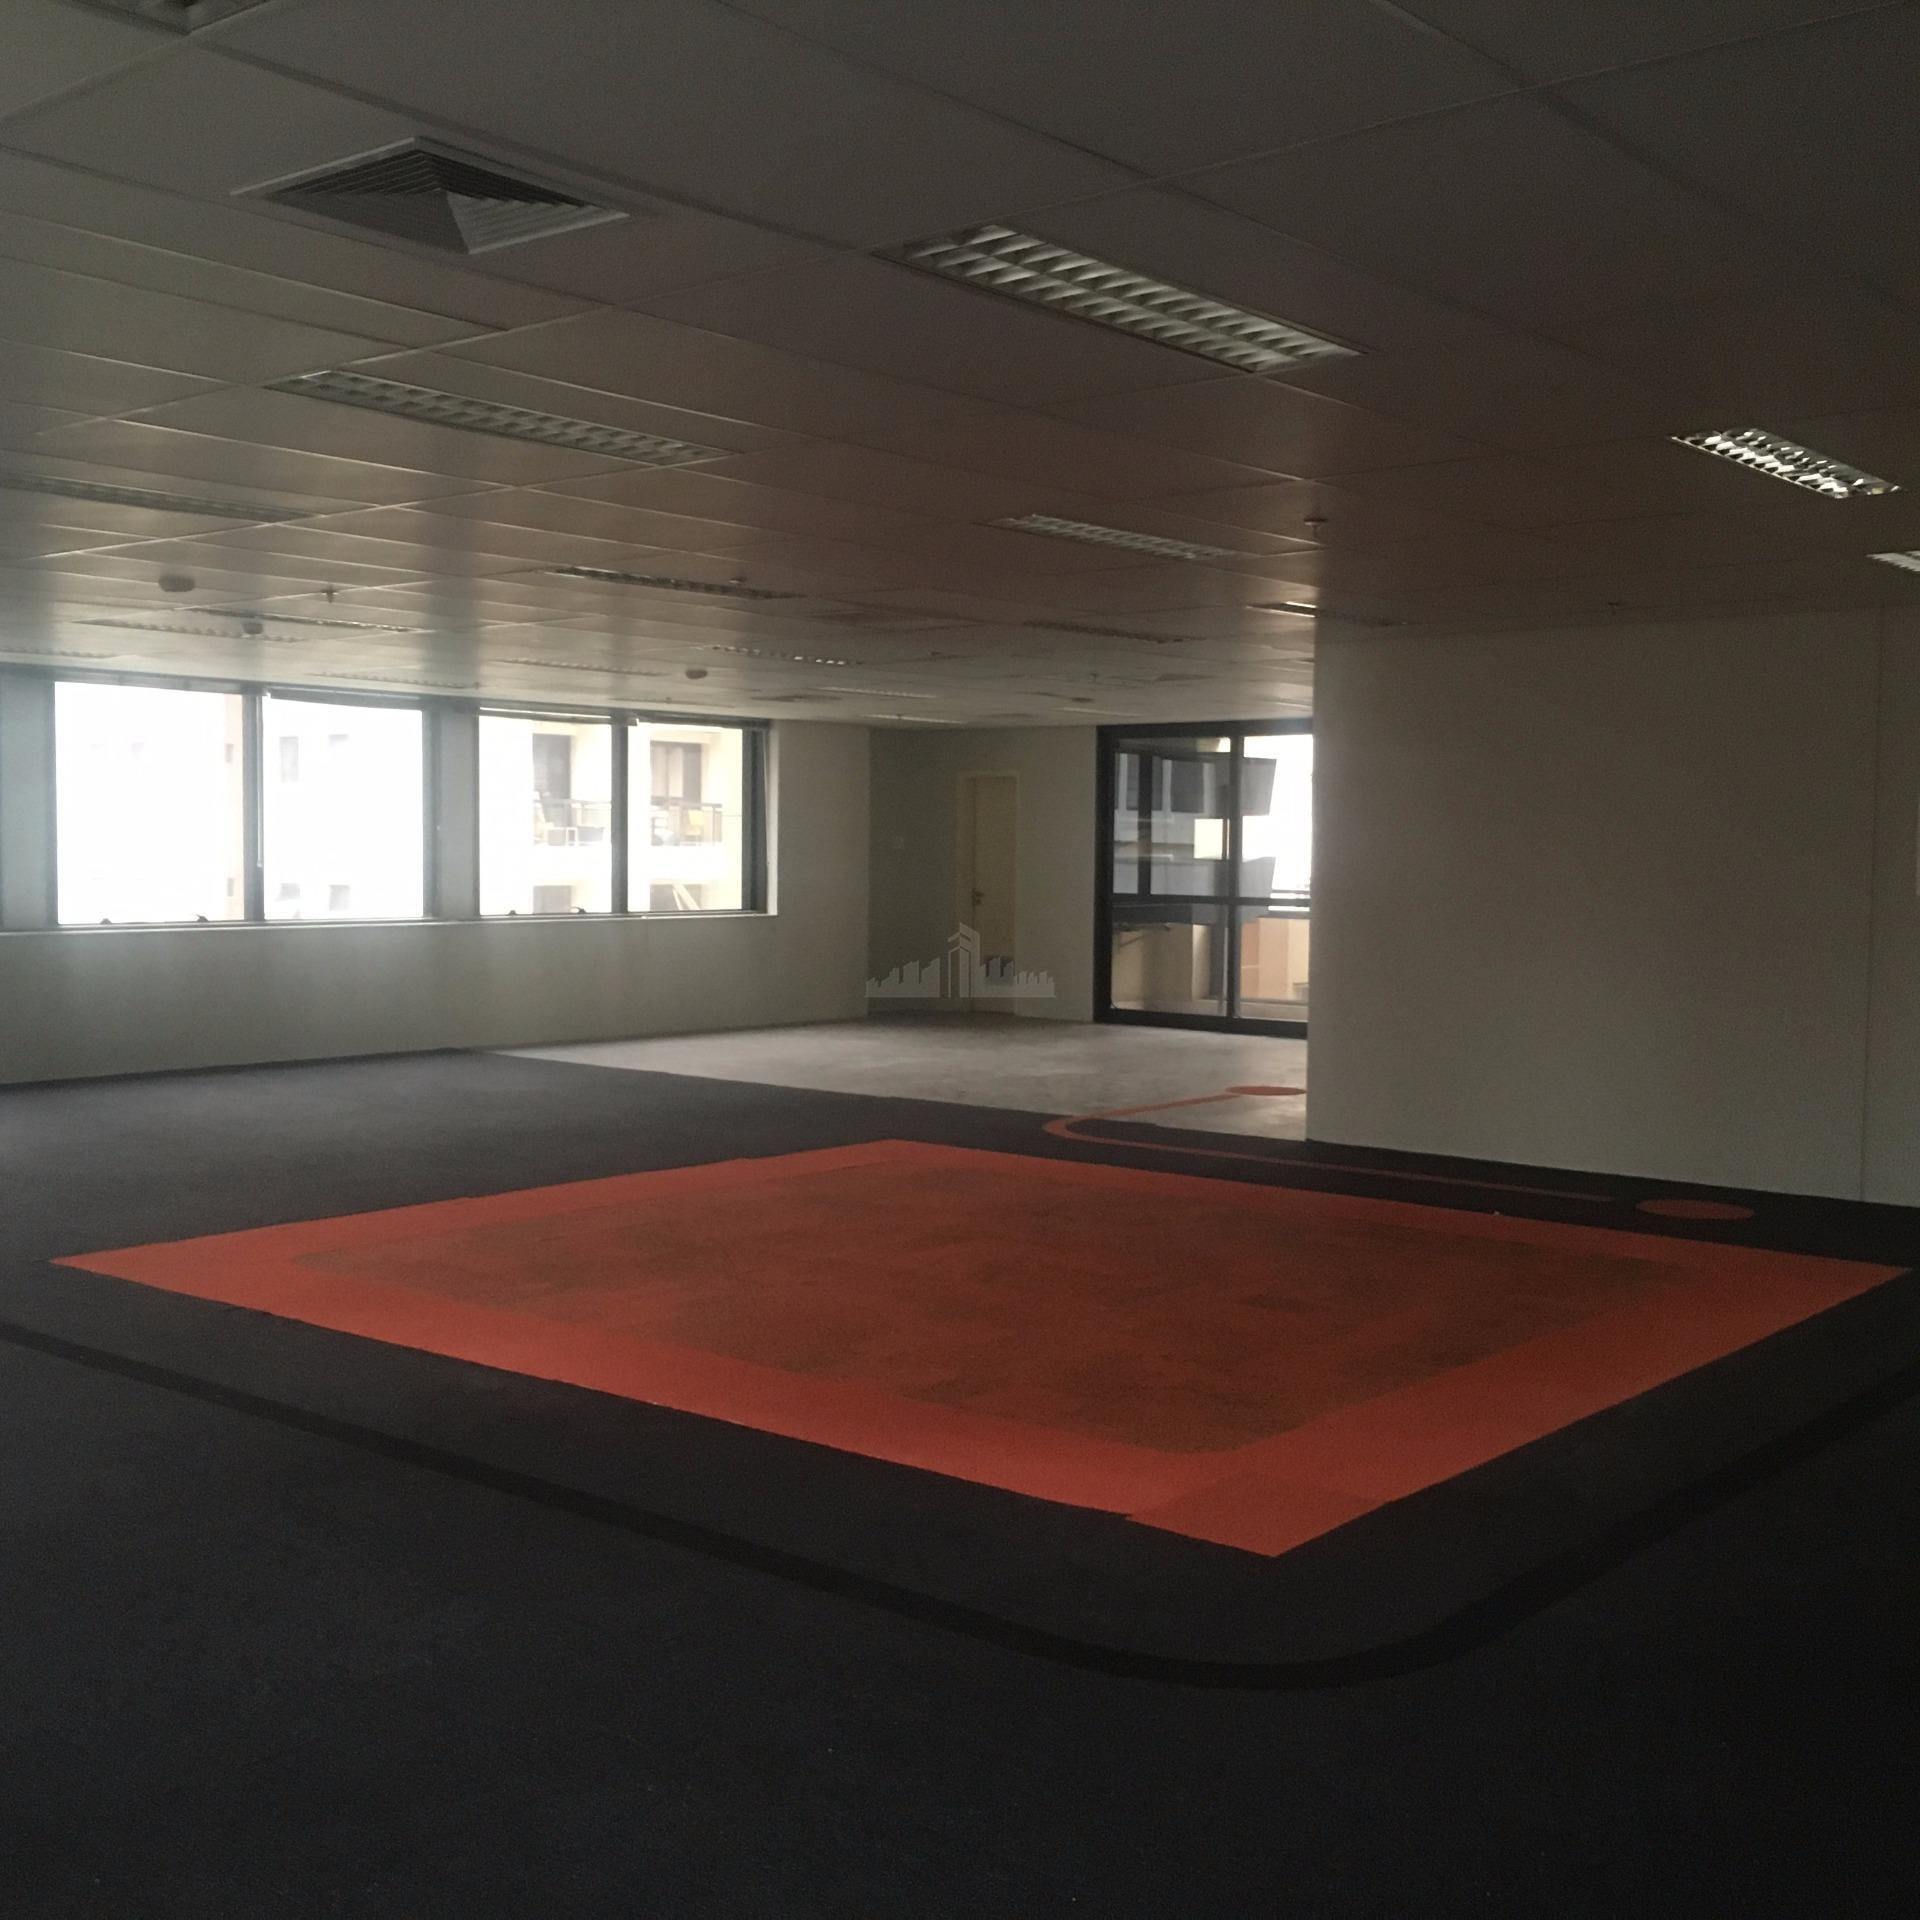 conjunto com 241m² com 9 vagas, com carpete de madeira, mobiliário dos banheiros e copa, forro...